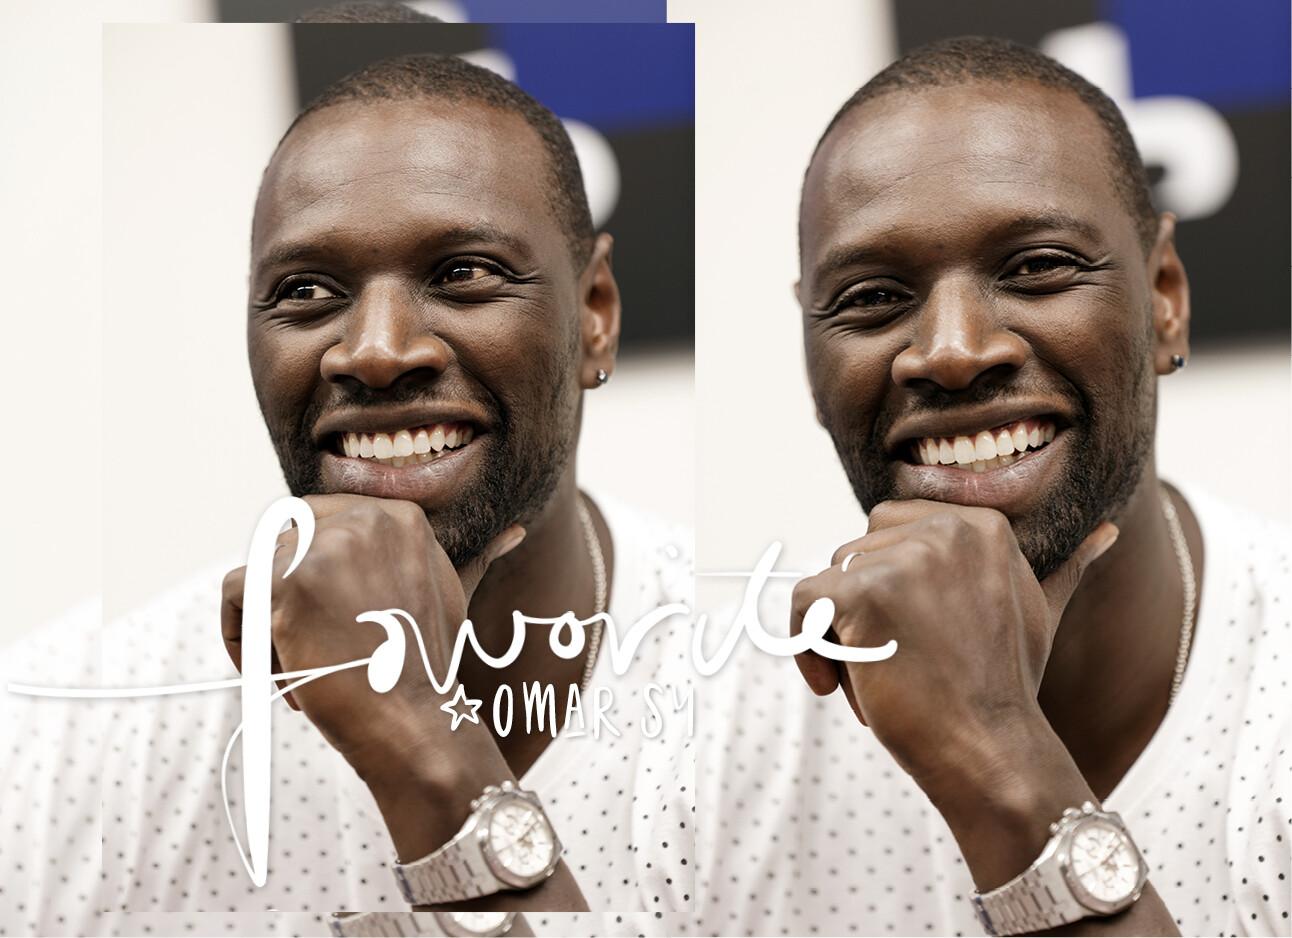 Omar Sy lachend